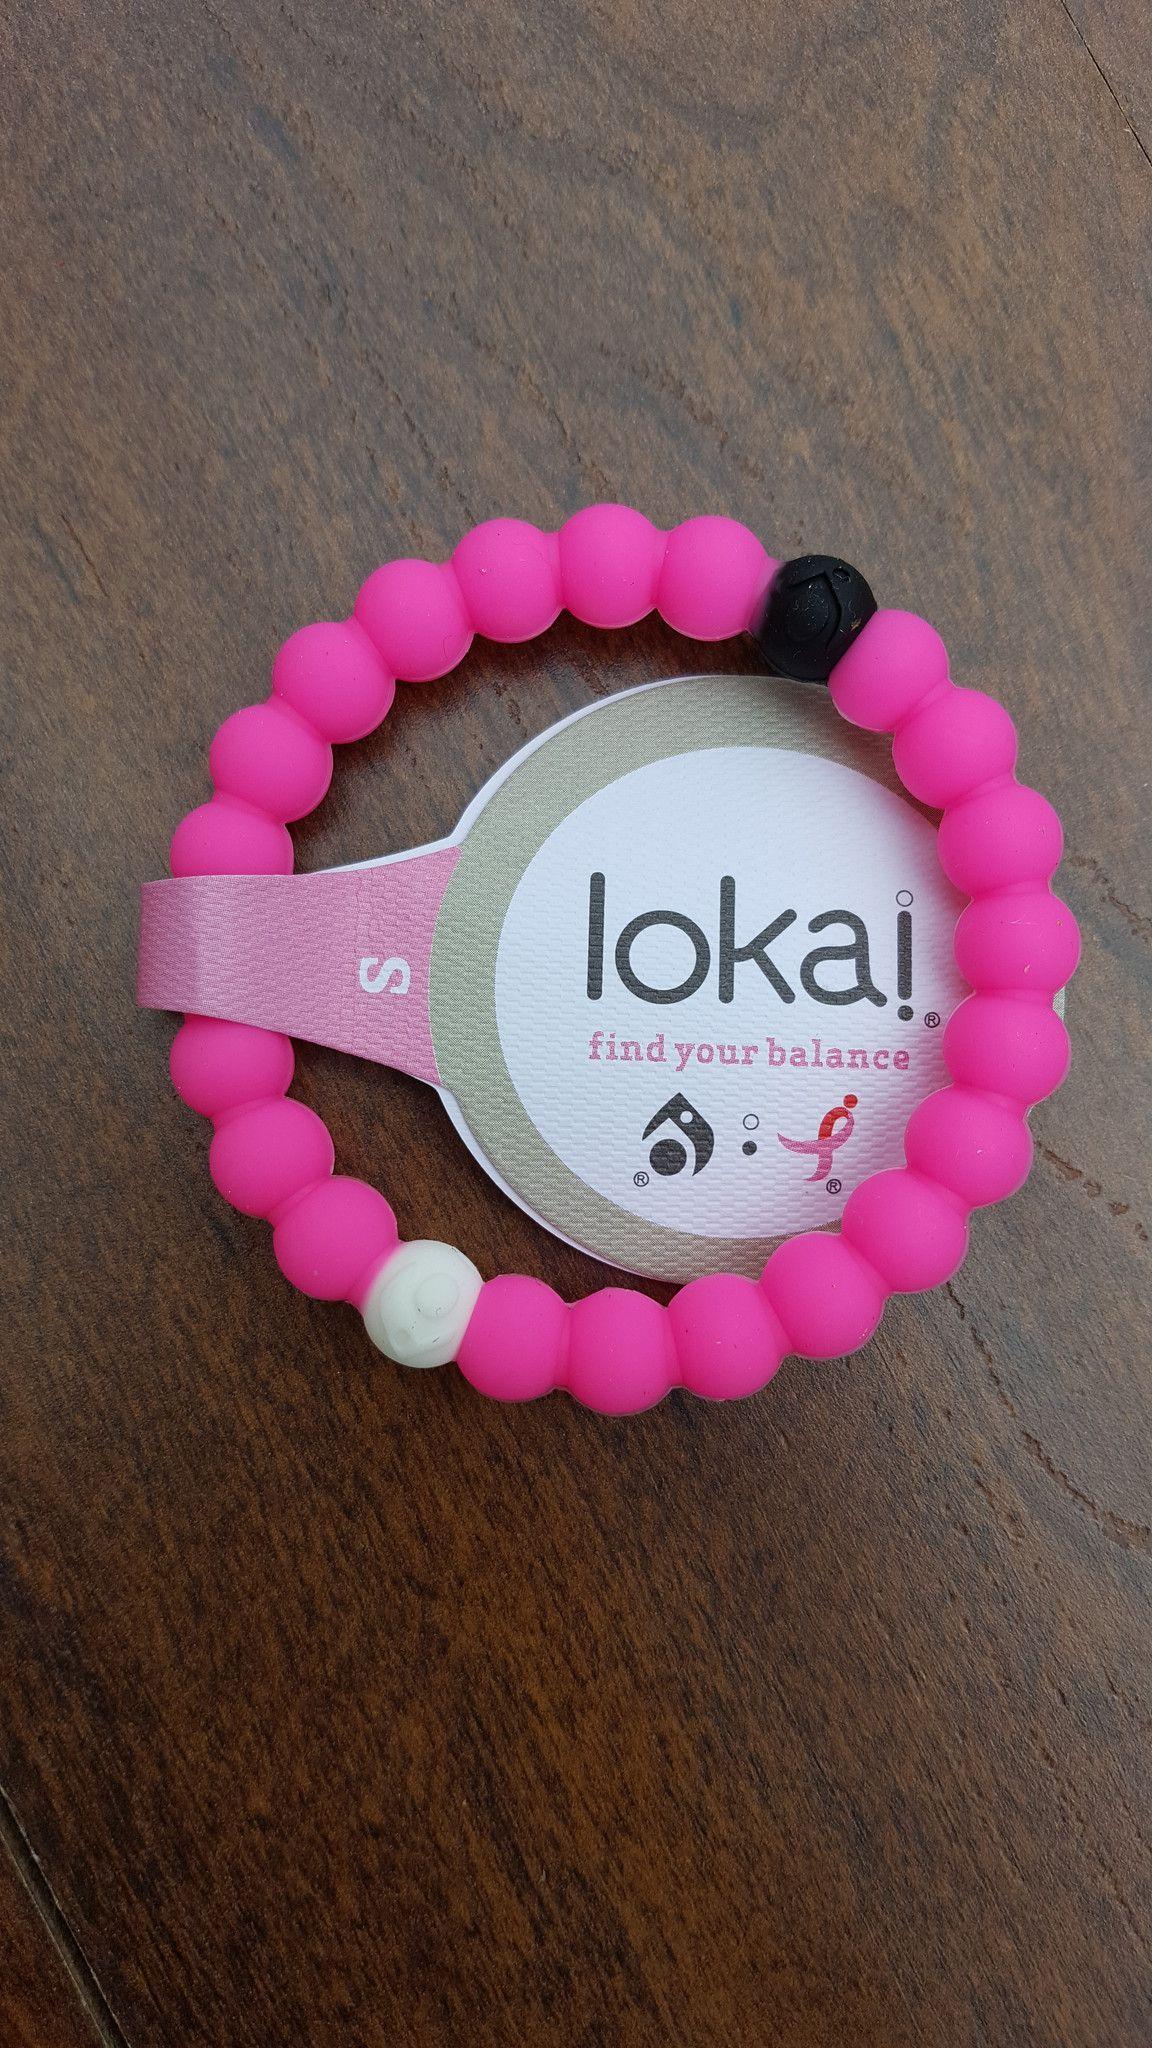 Pin by gisselle barron on bracelets balance bracelet